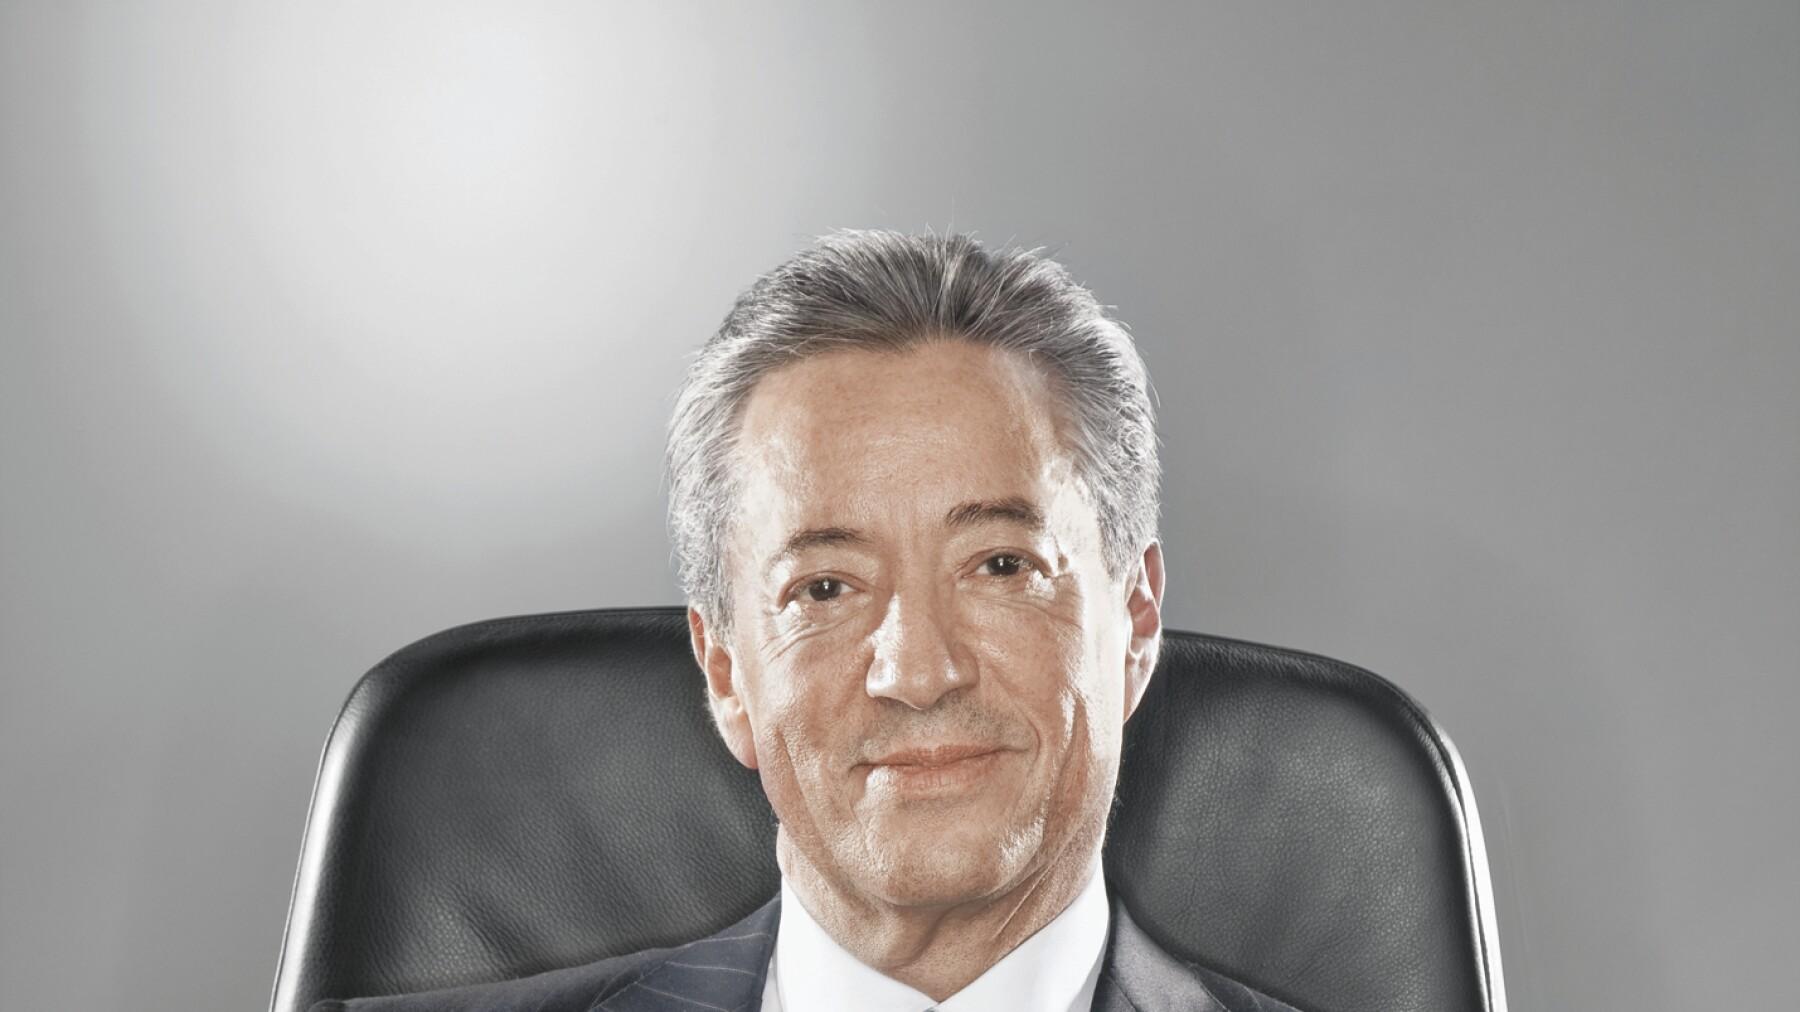 El nuevo cargo que ocupa Manuel Medina Mora lo pone al frente de la banca minorista de Estados Unidos y Canadá (Foto: Tito Trueba).